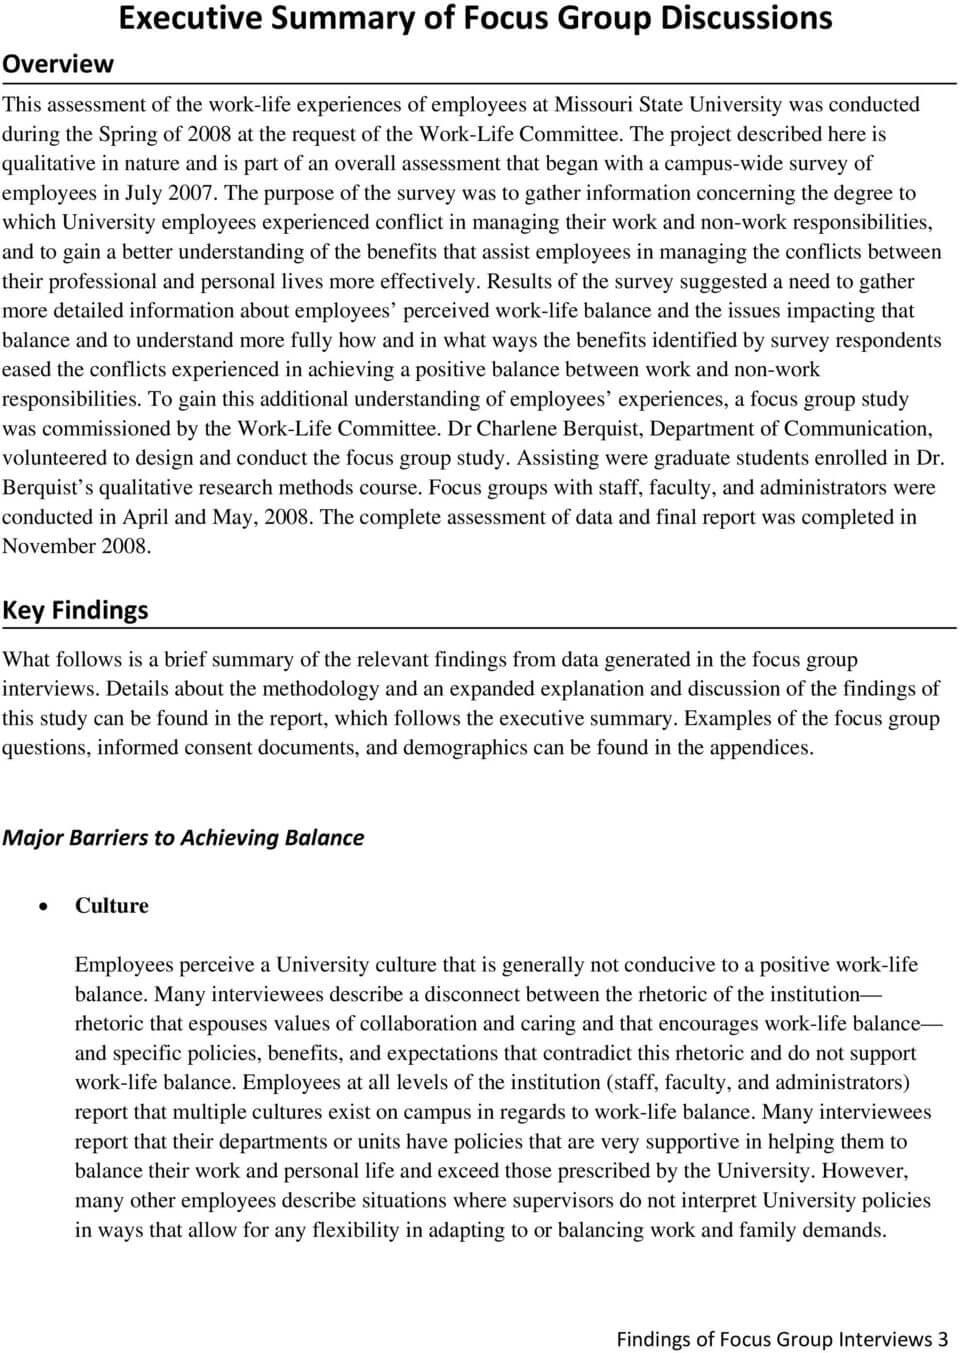 Appendix C Report Of Focus Group Discussions – Pdf Throughout Focus Group Discussion Report Template